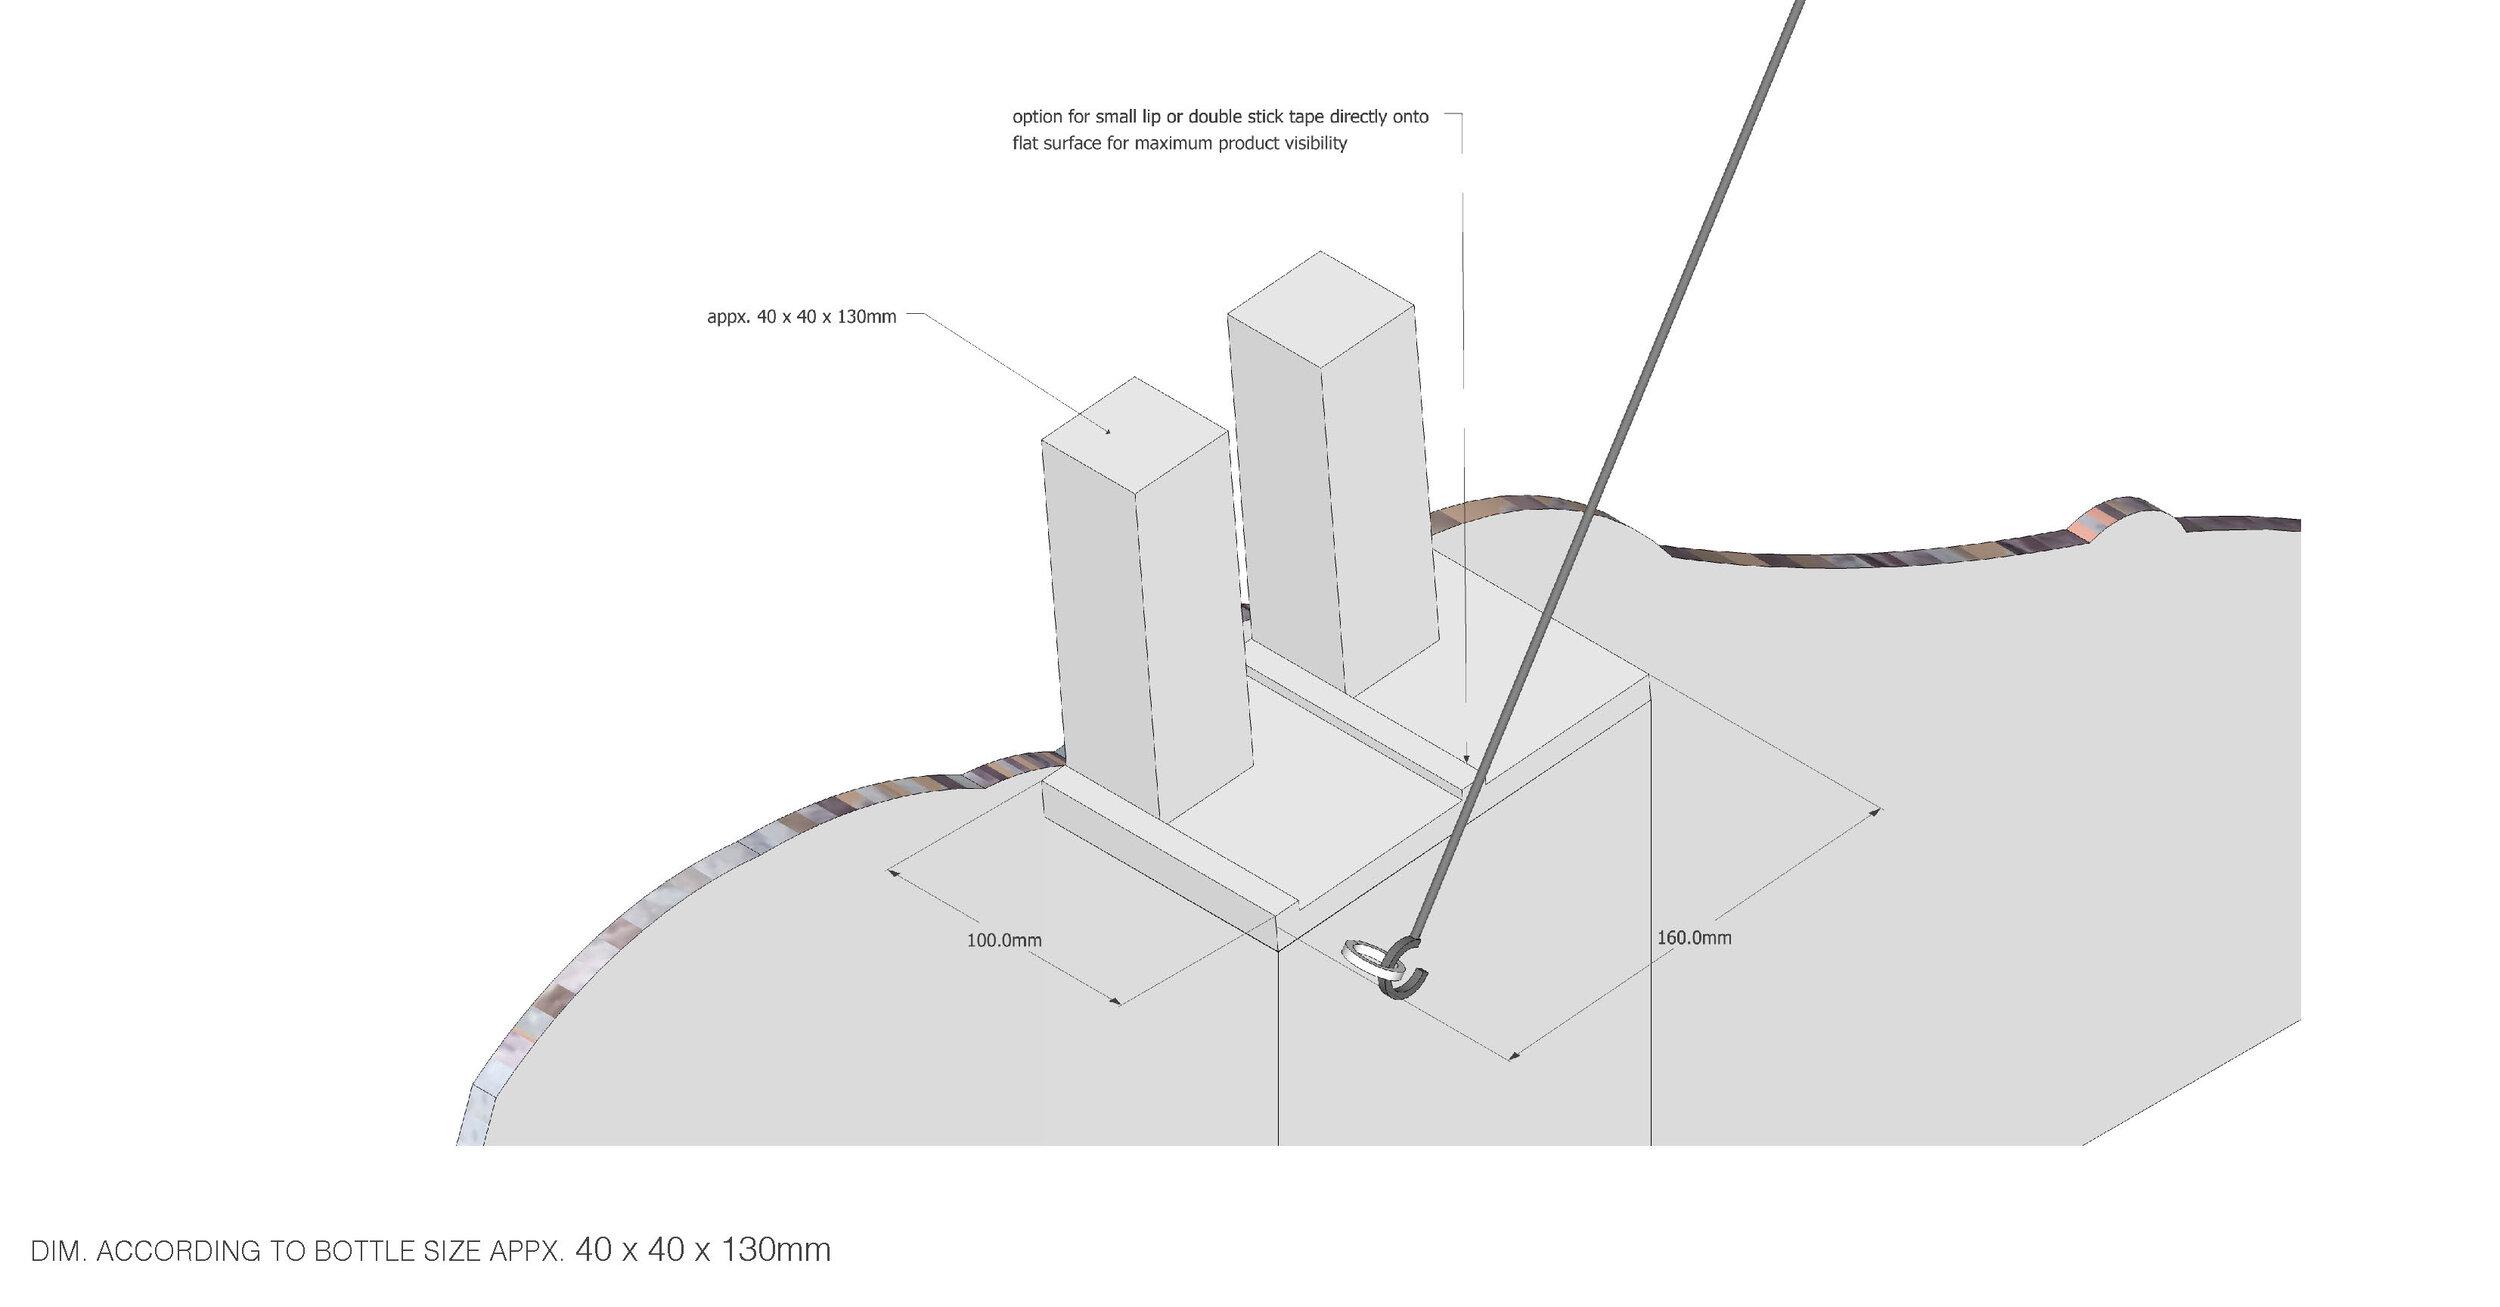 Hermès_Dimensions_Window 1_Revised_Page_07.jpg